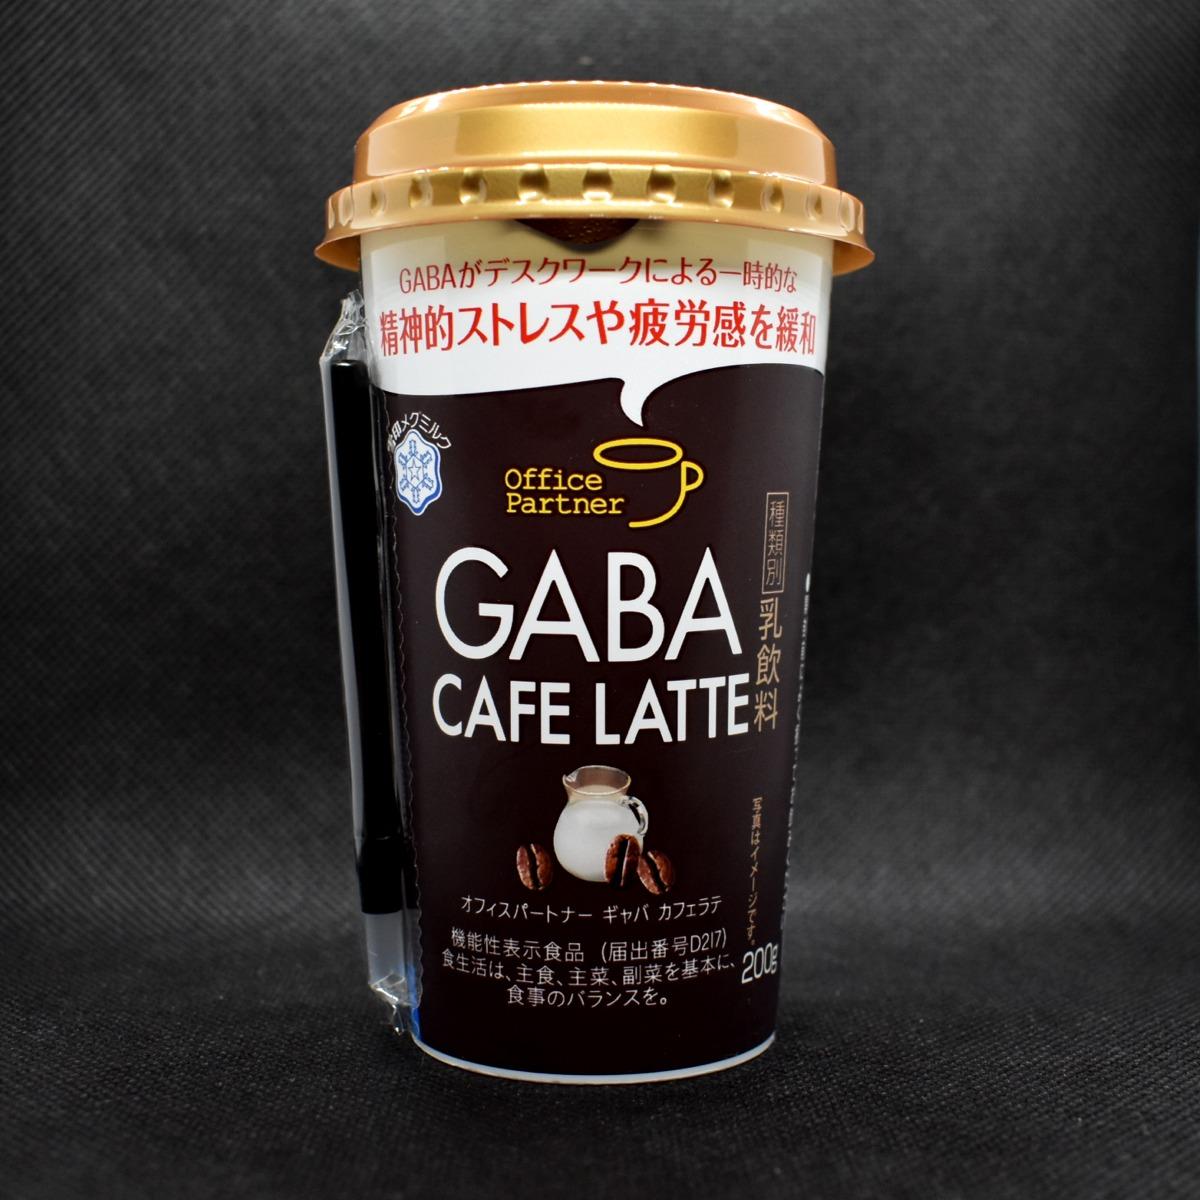 Office Partner GABA CAFE LATTE(オフィス パートナー ギャバ カフェラテ)